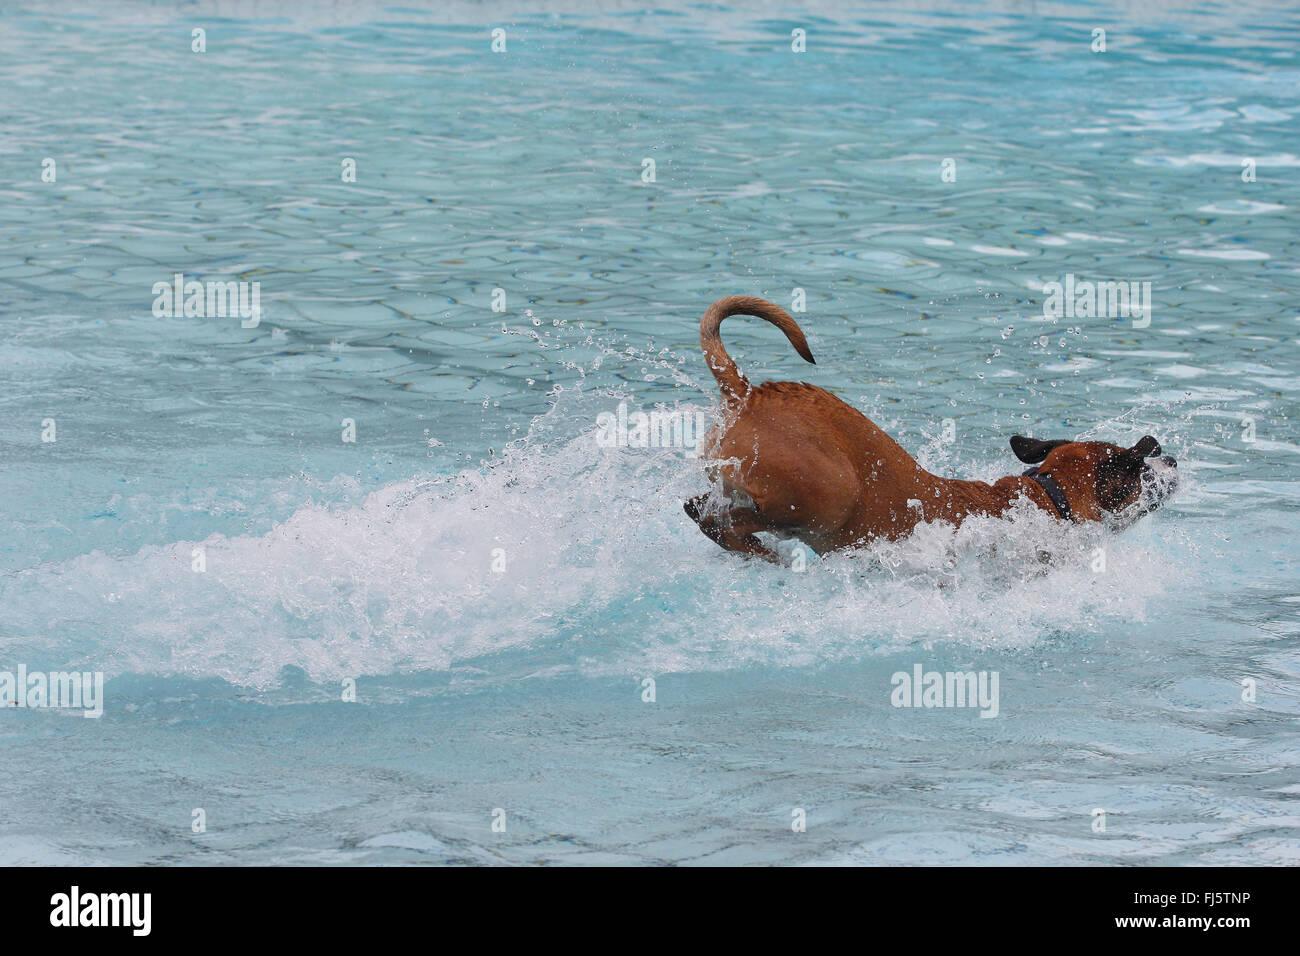 Razza cane (Canis lupus f. familiaris), sei anni boxer di razza cane saltare in acqua di una piscina bagno, Germania Immagini Stock